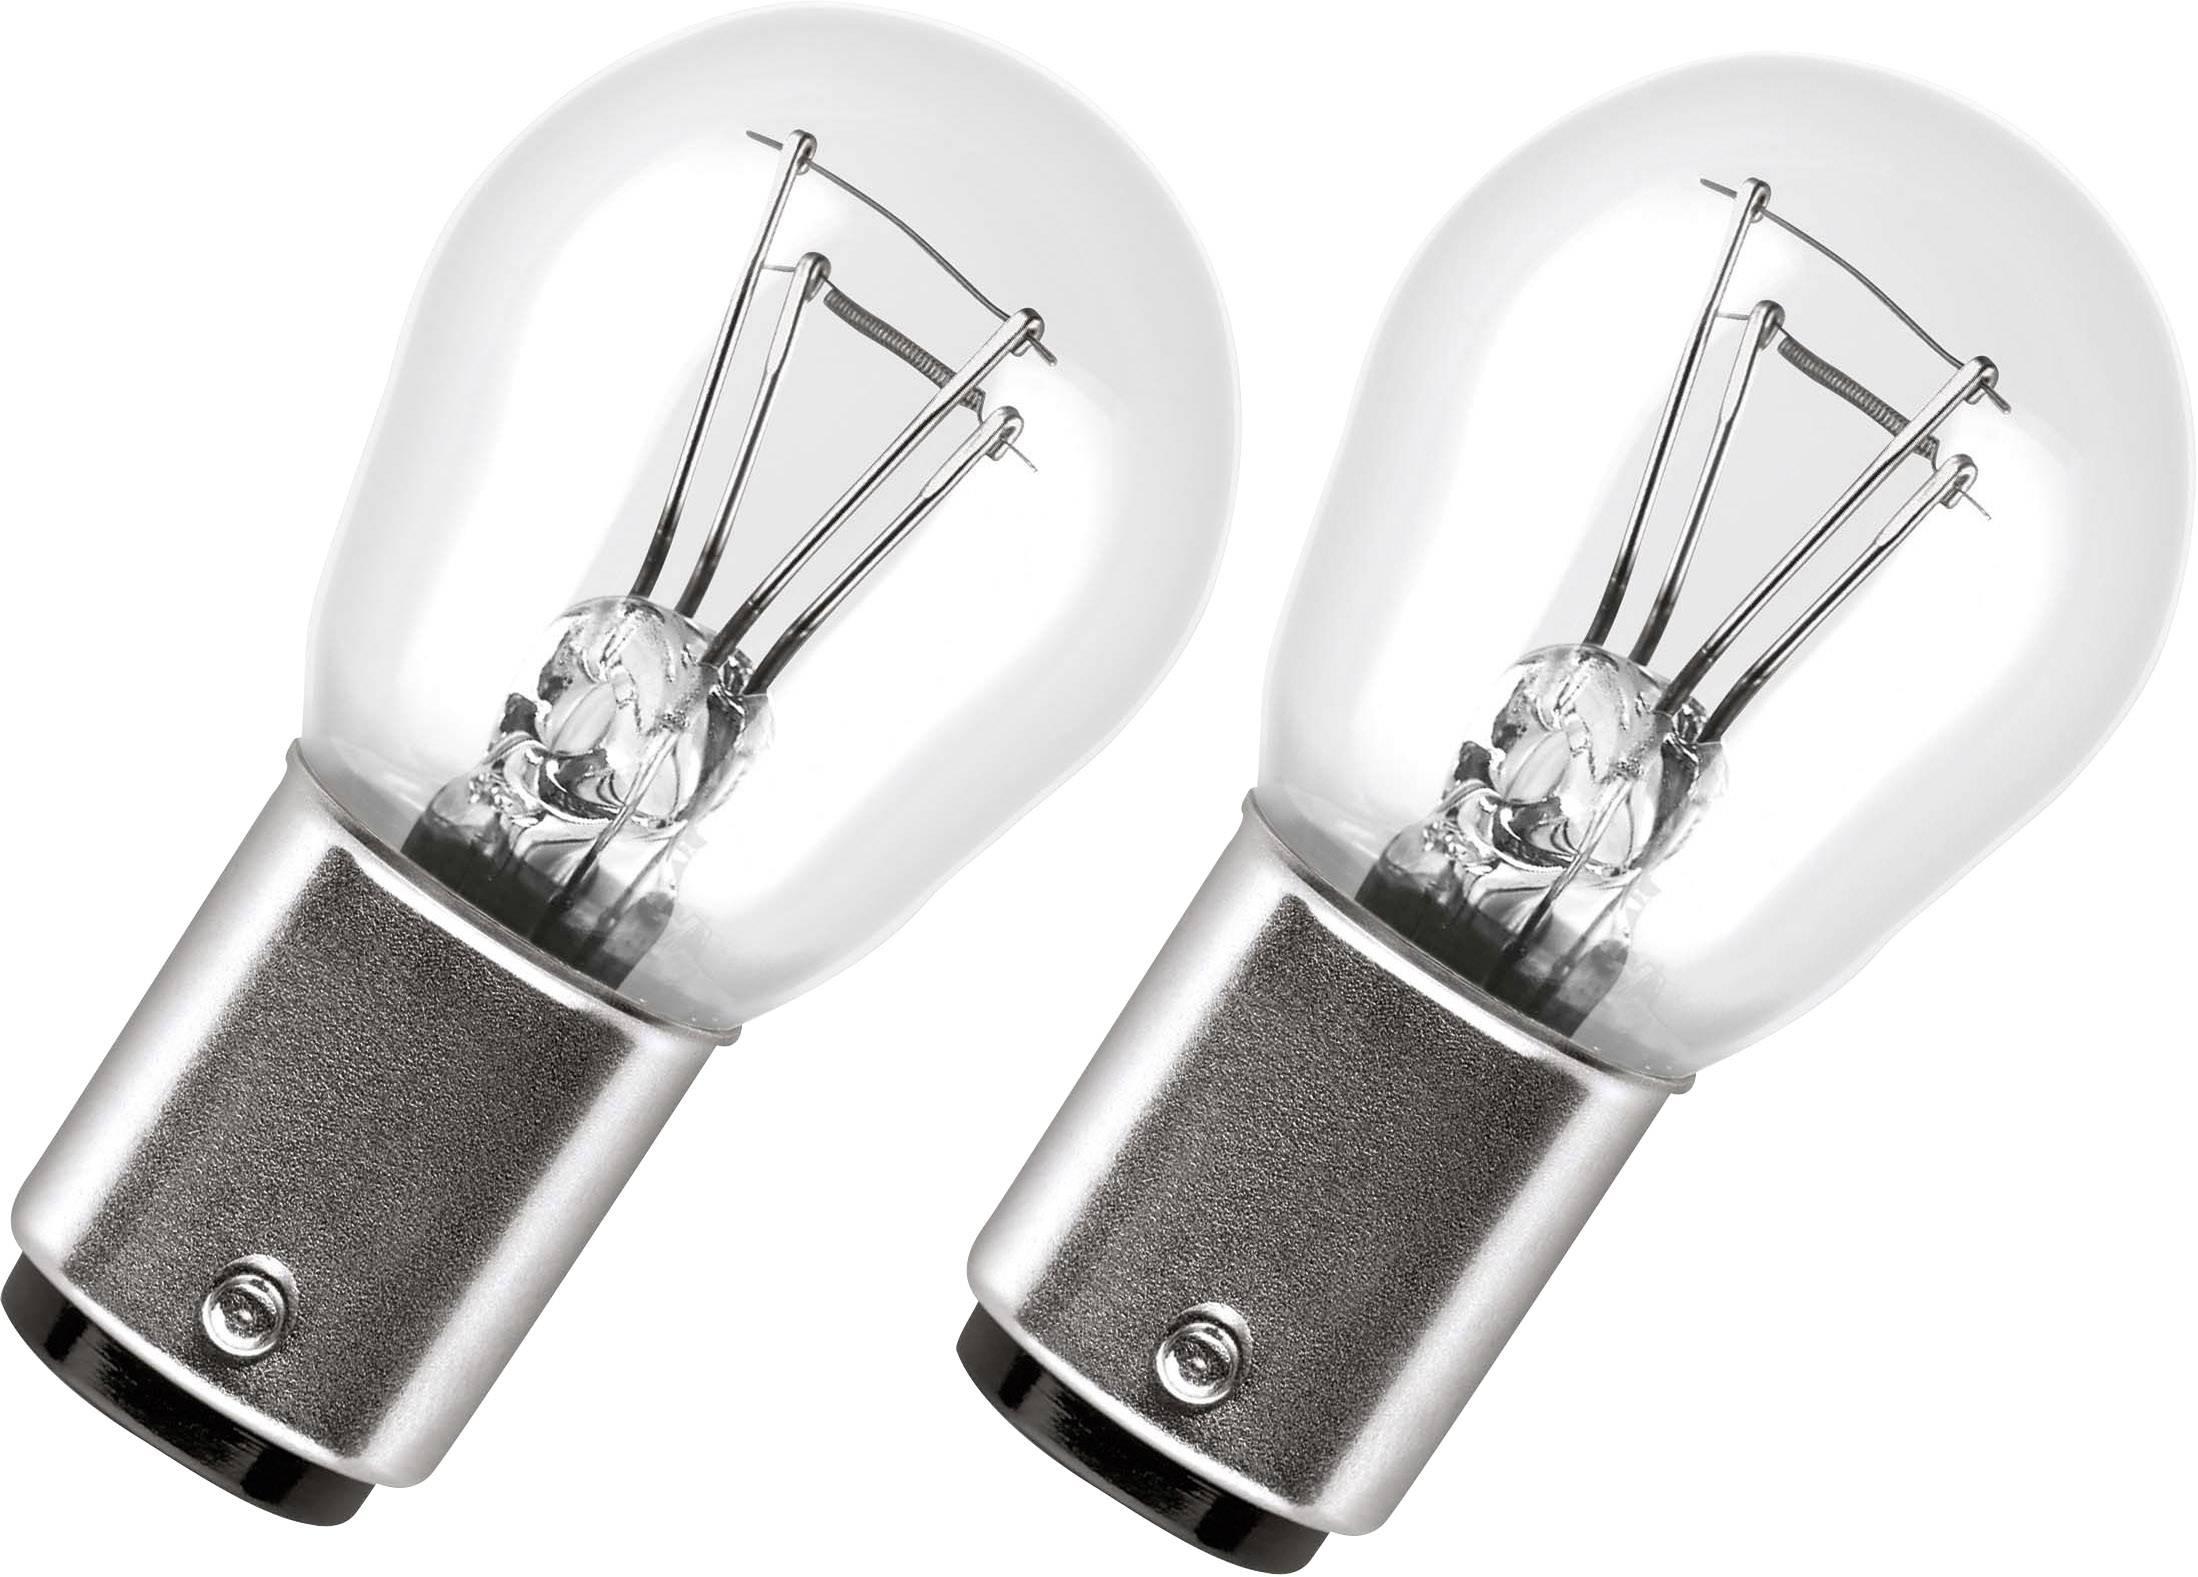 Signálne svetlo OSRAM KUGELLAMPE 21/5 W 7528-02E, P21/5W, 21/5 W